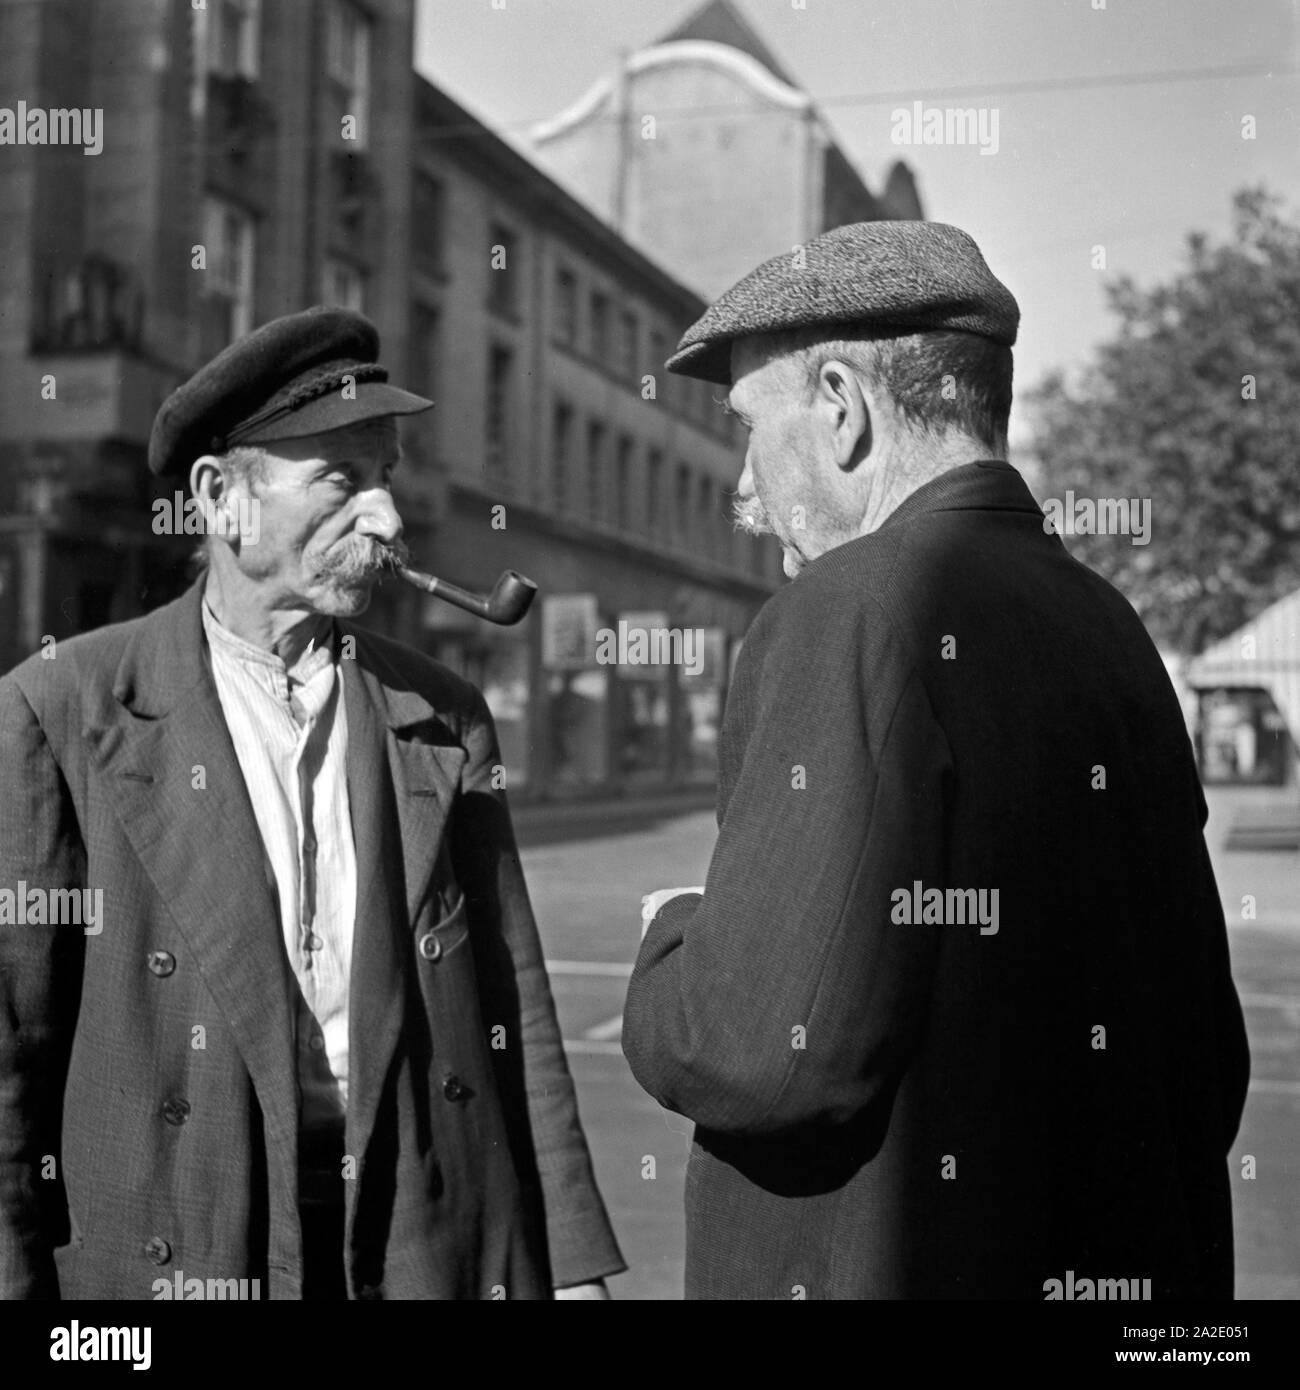 Zwei alte Herren bei einer Unterhaltung à Düsseldorf, Deutschland 1930er Jahre. Aîné de deux hommes ayant un chat à Duesseldorf, Allemagne 1930. Banque D'Images